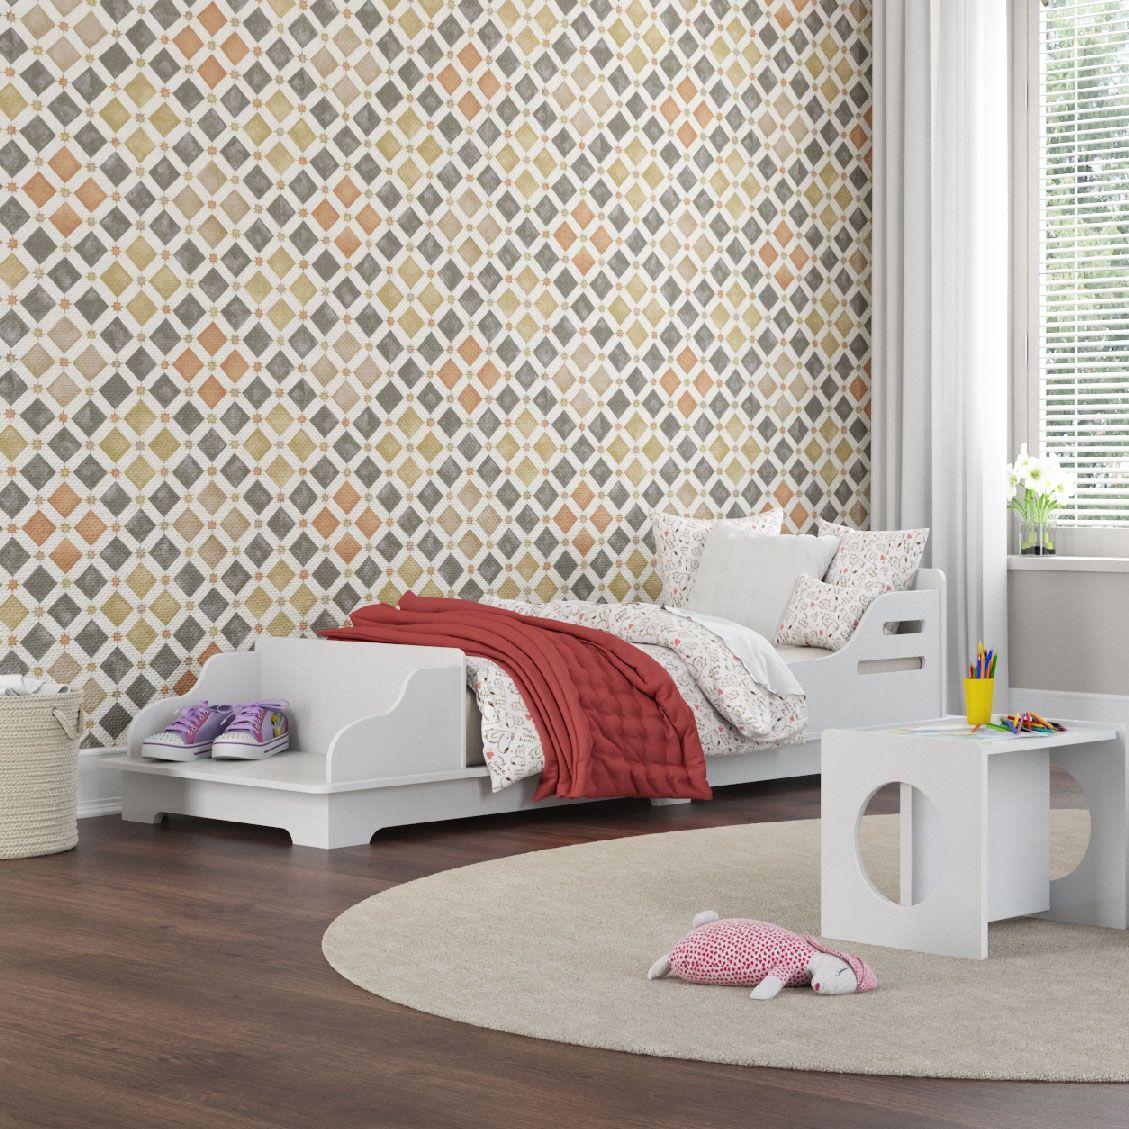 Cama Infantil Montessore 100% MDF Wood Branco com Colchão